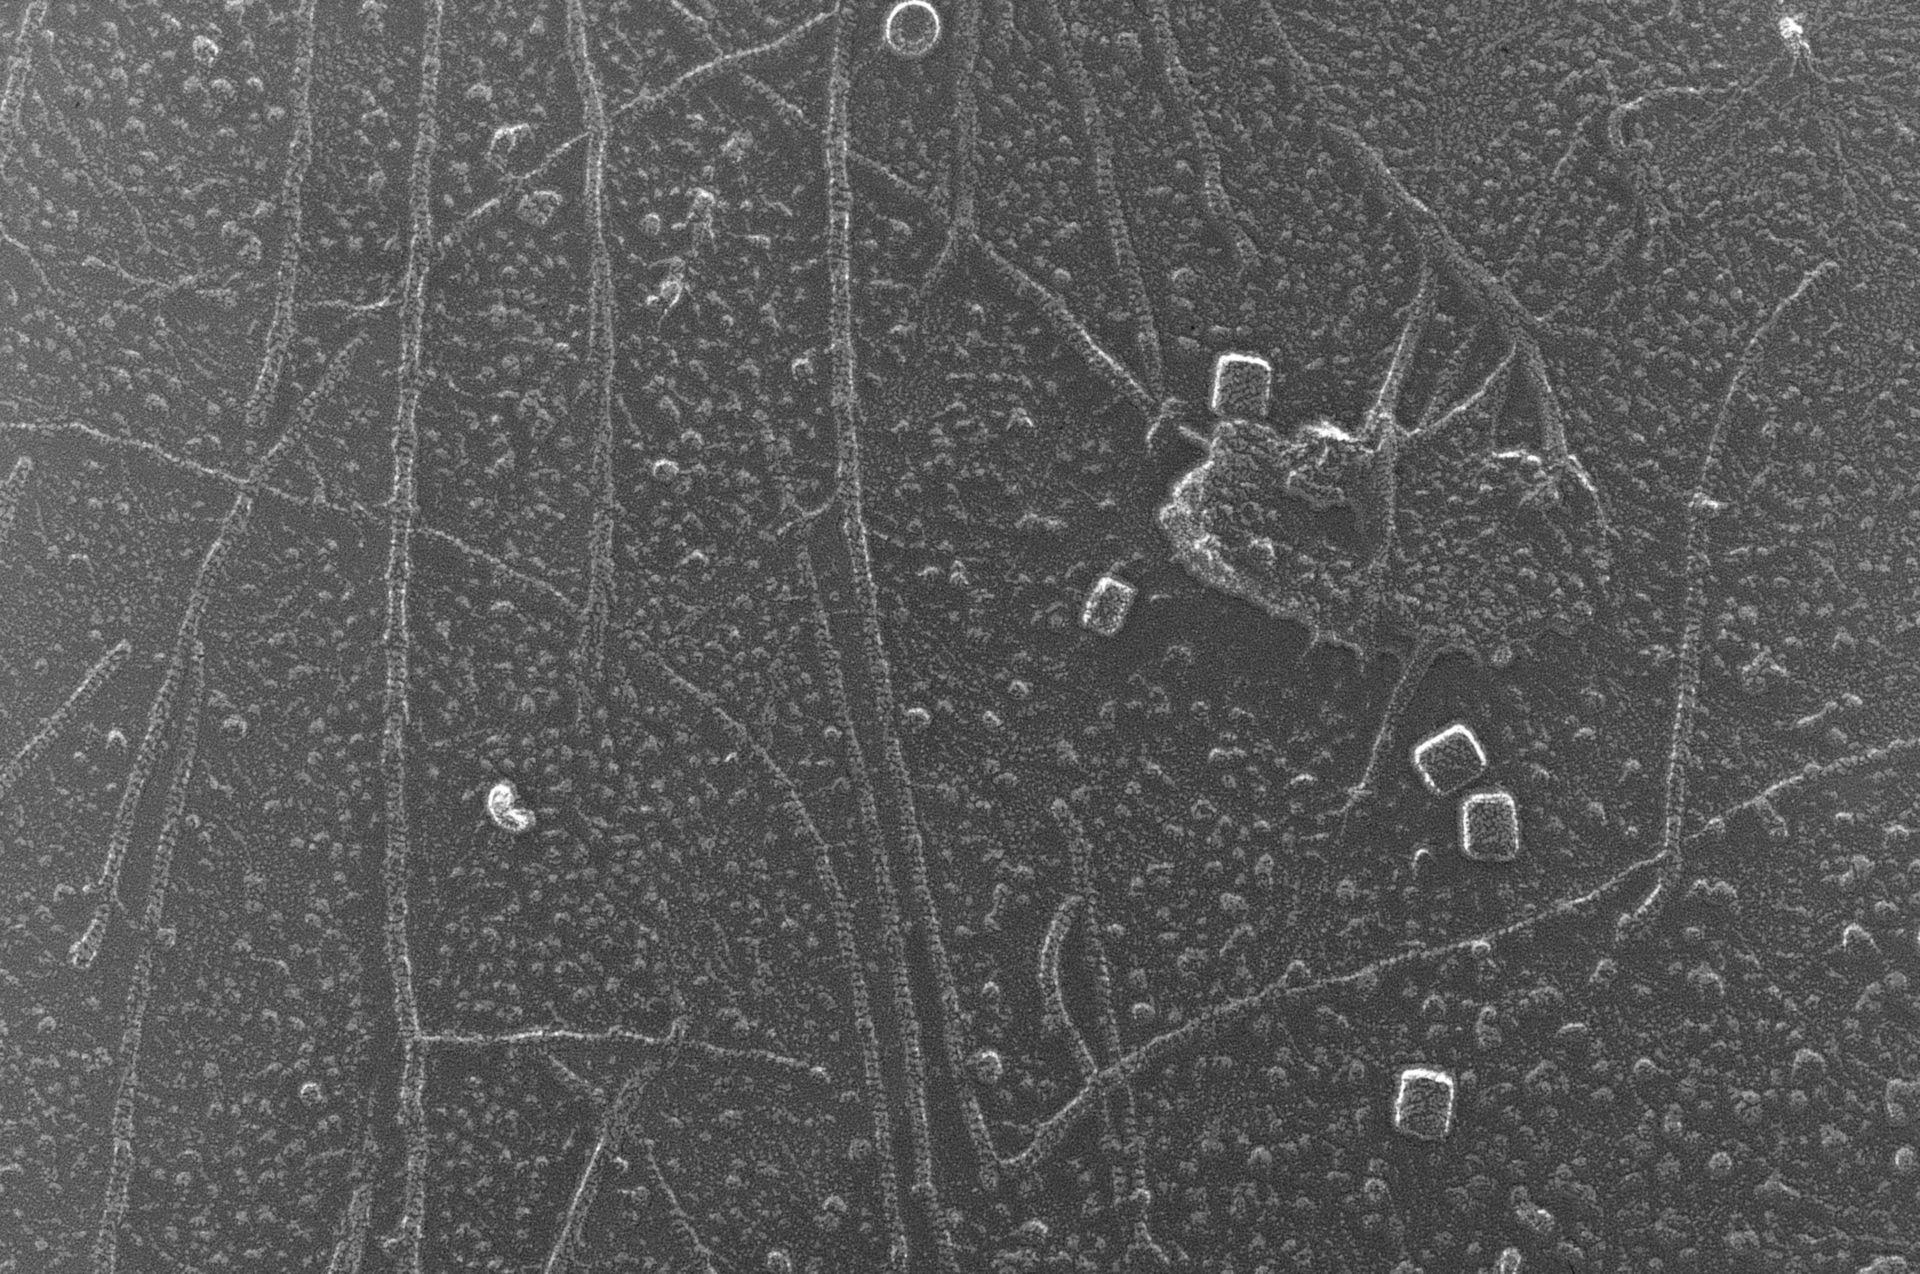 Oryctolagus cuniculus (Cytoskeleton) - CIL:6267